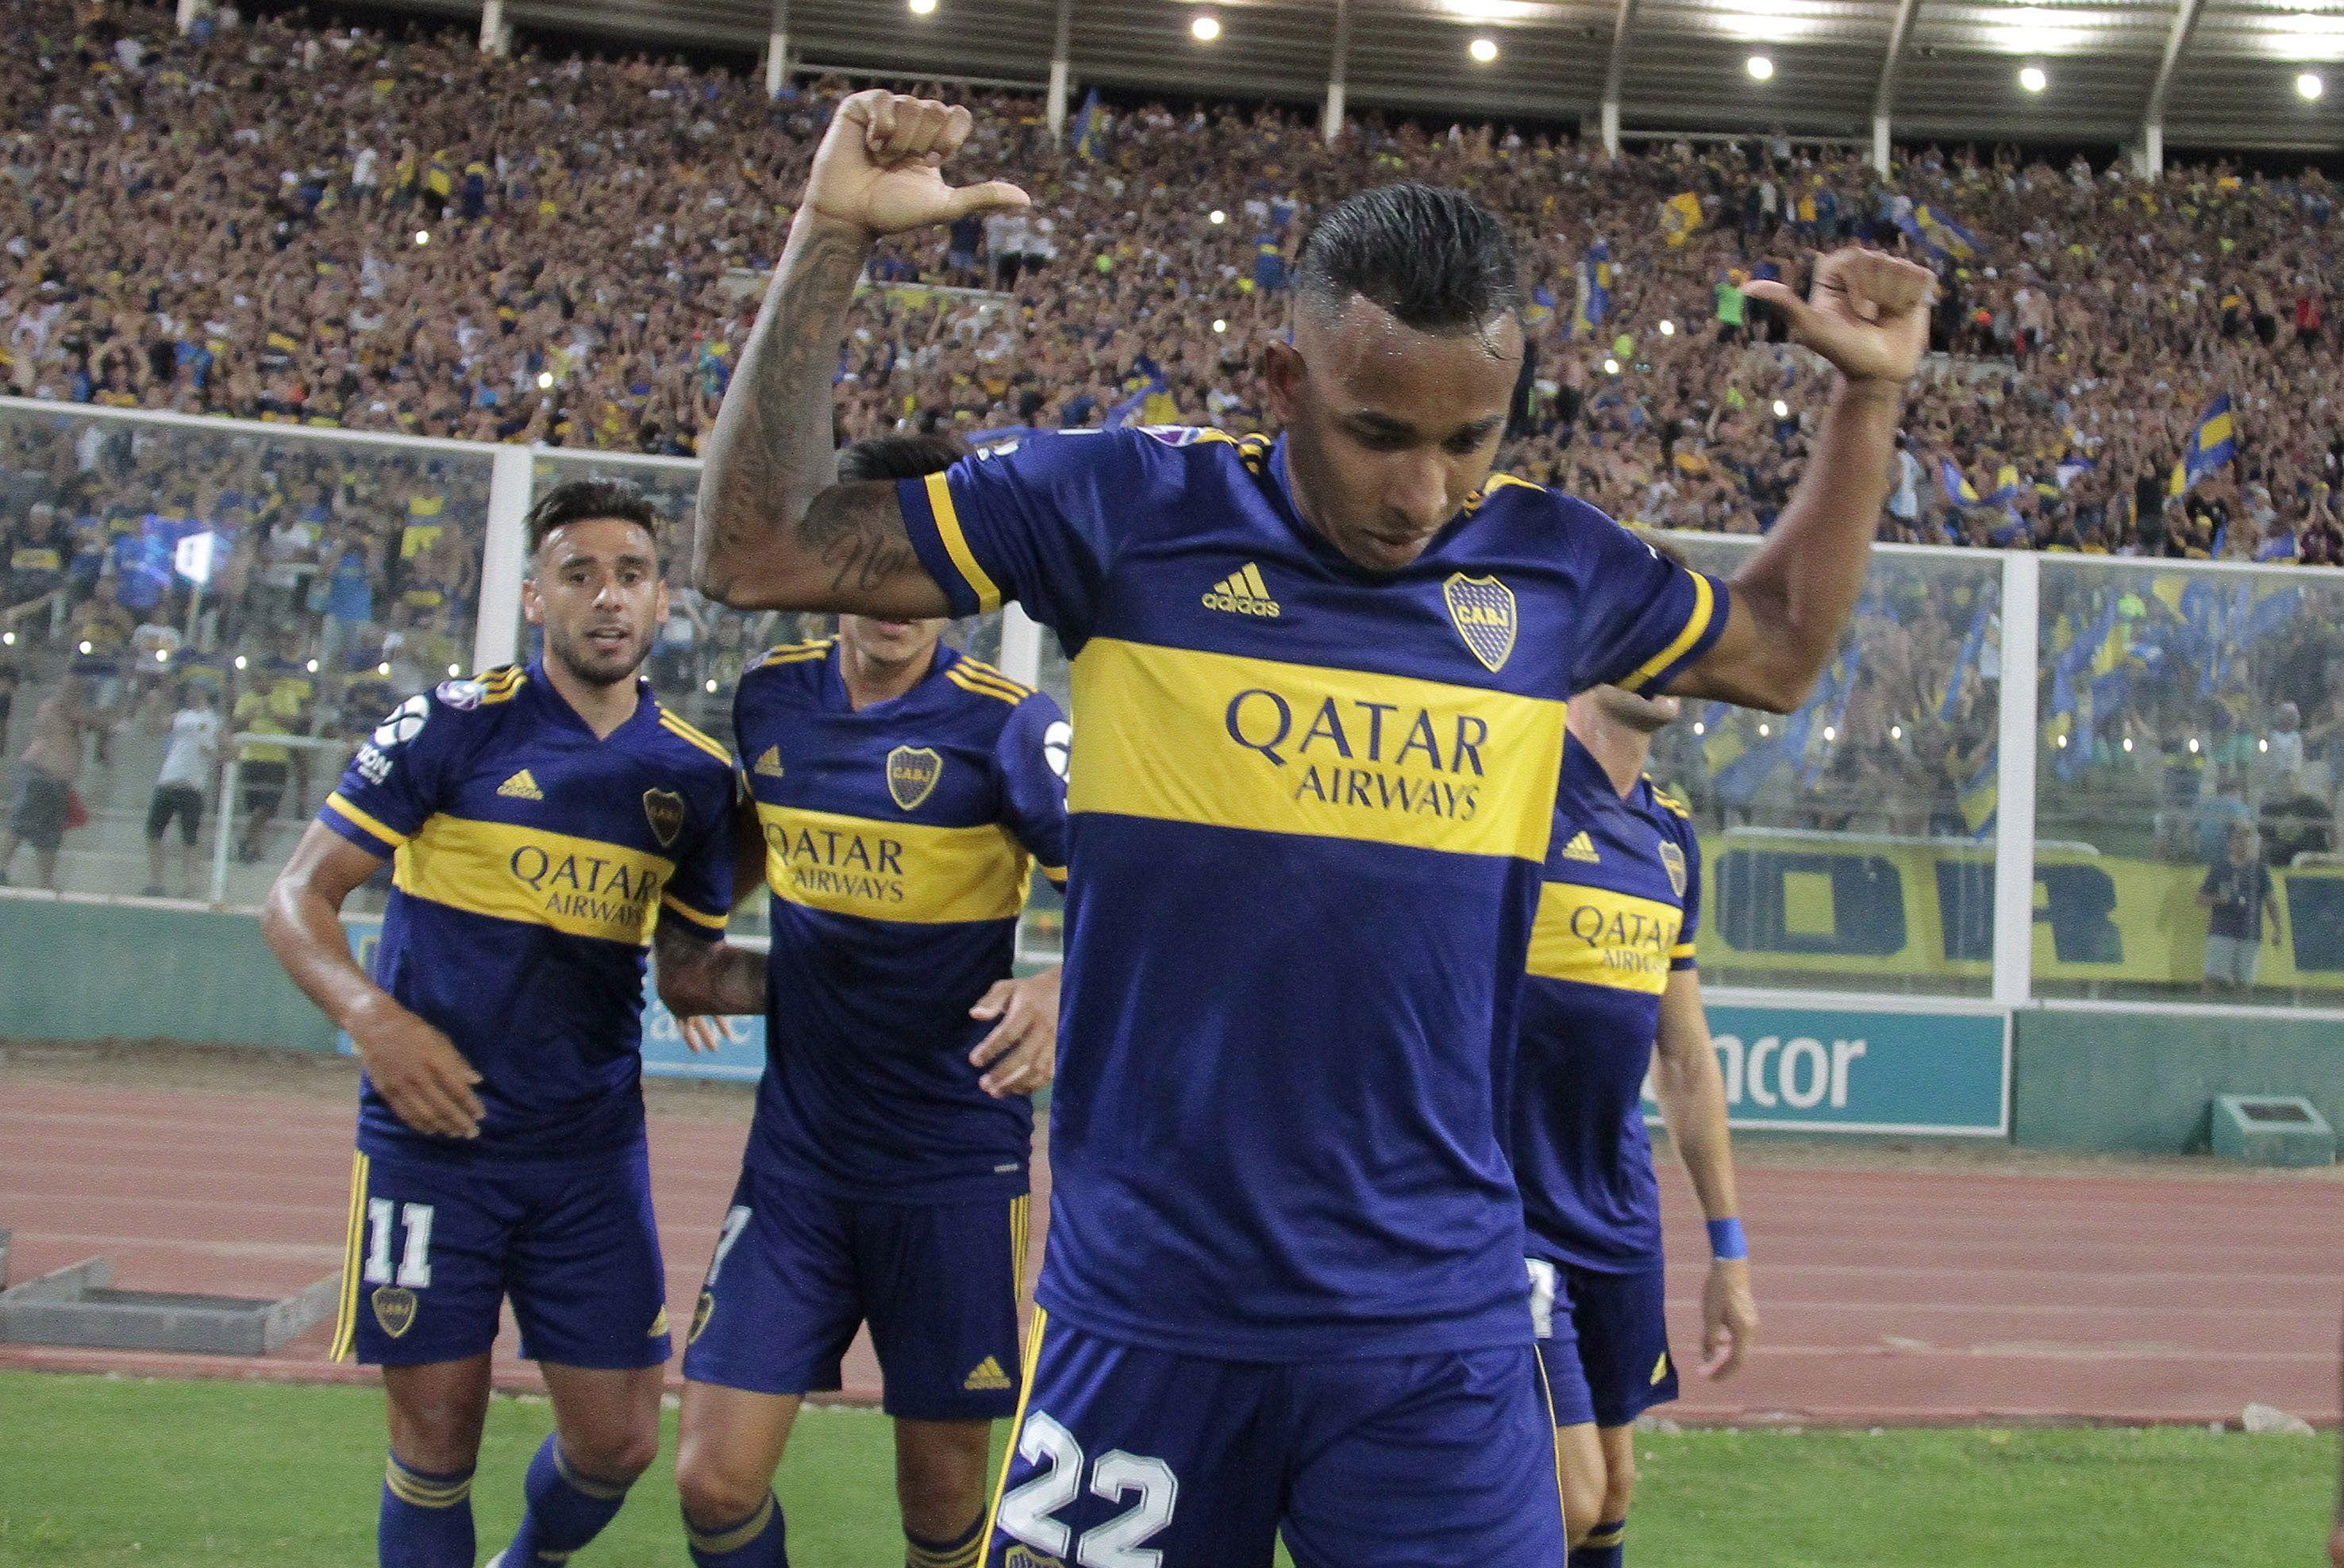 Villa podría ser transferido en las próximas semanas (Foto: Irma Montiel/Télam)